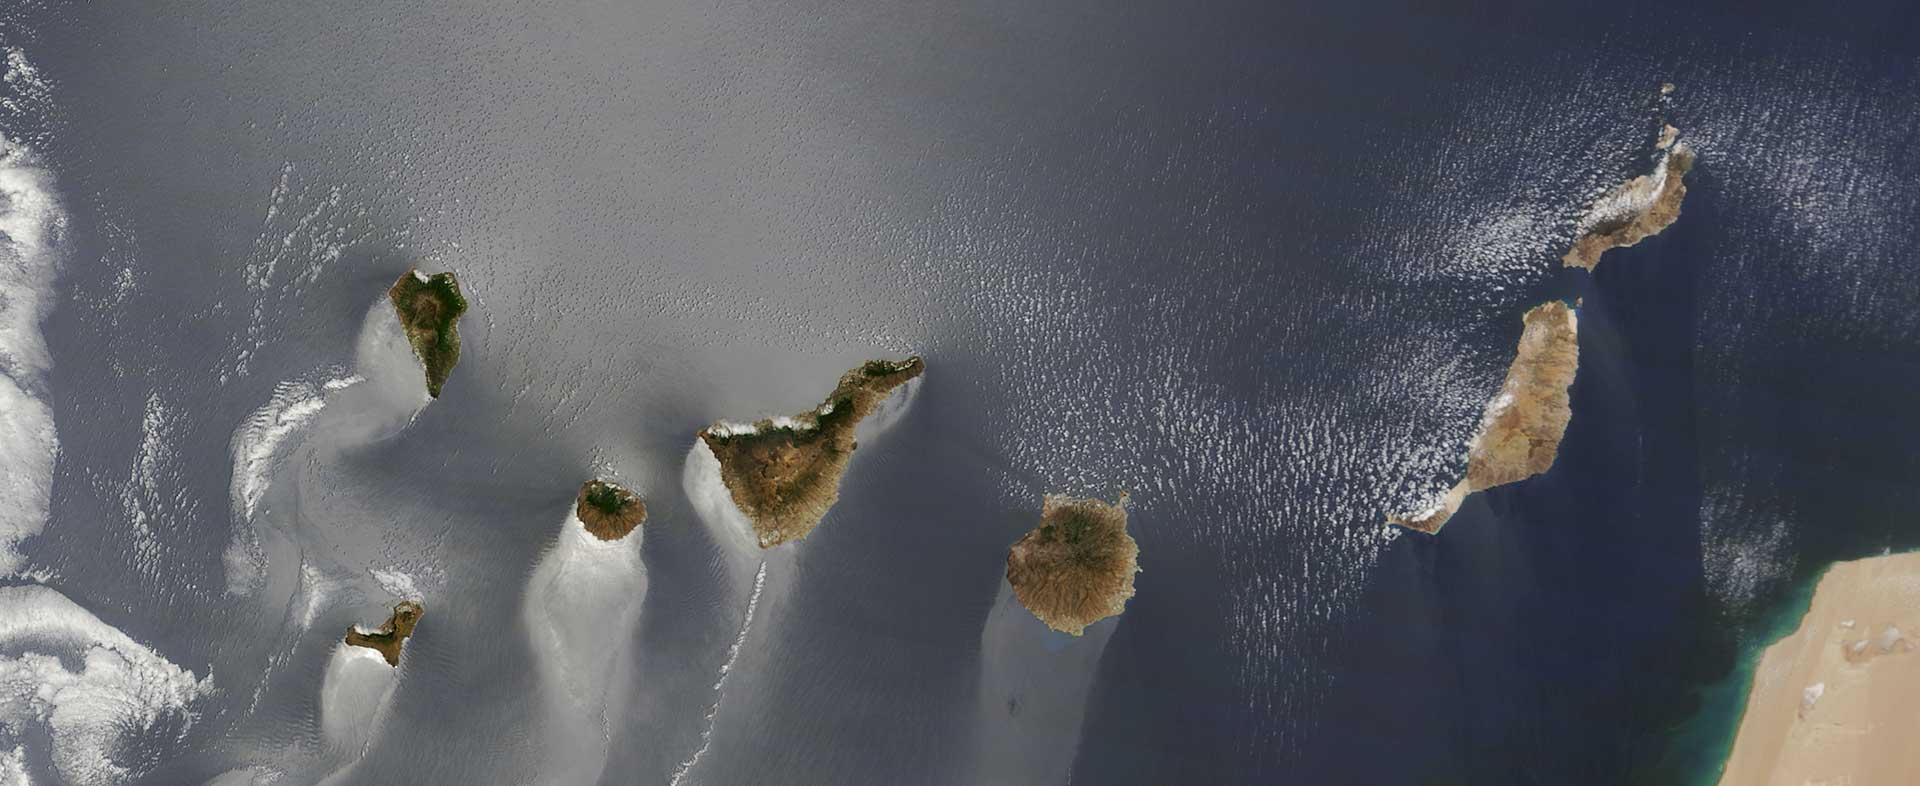 Imagen satélite de las Islas Canarias